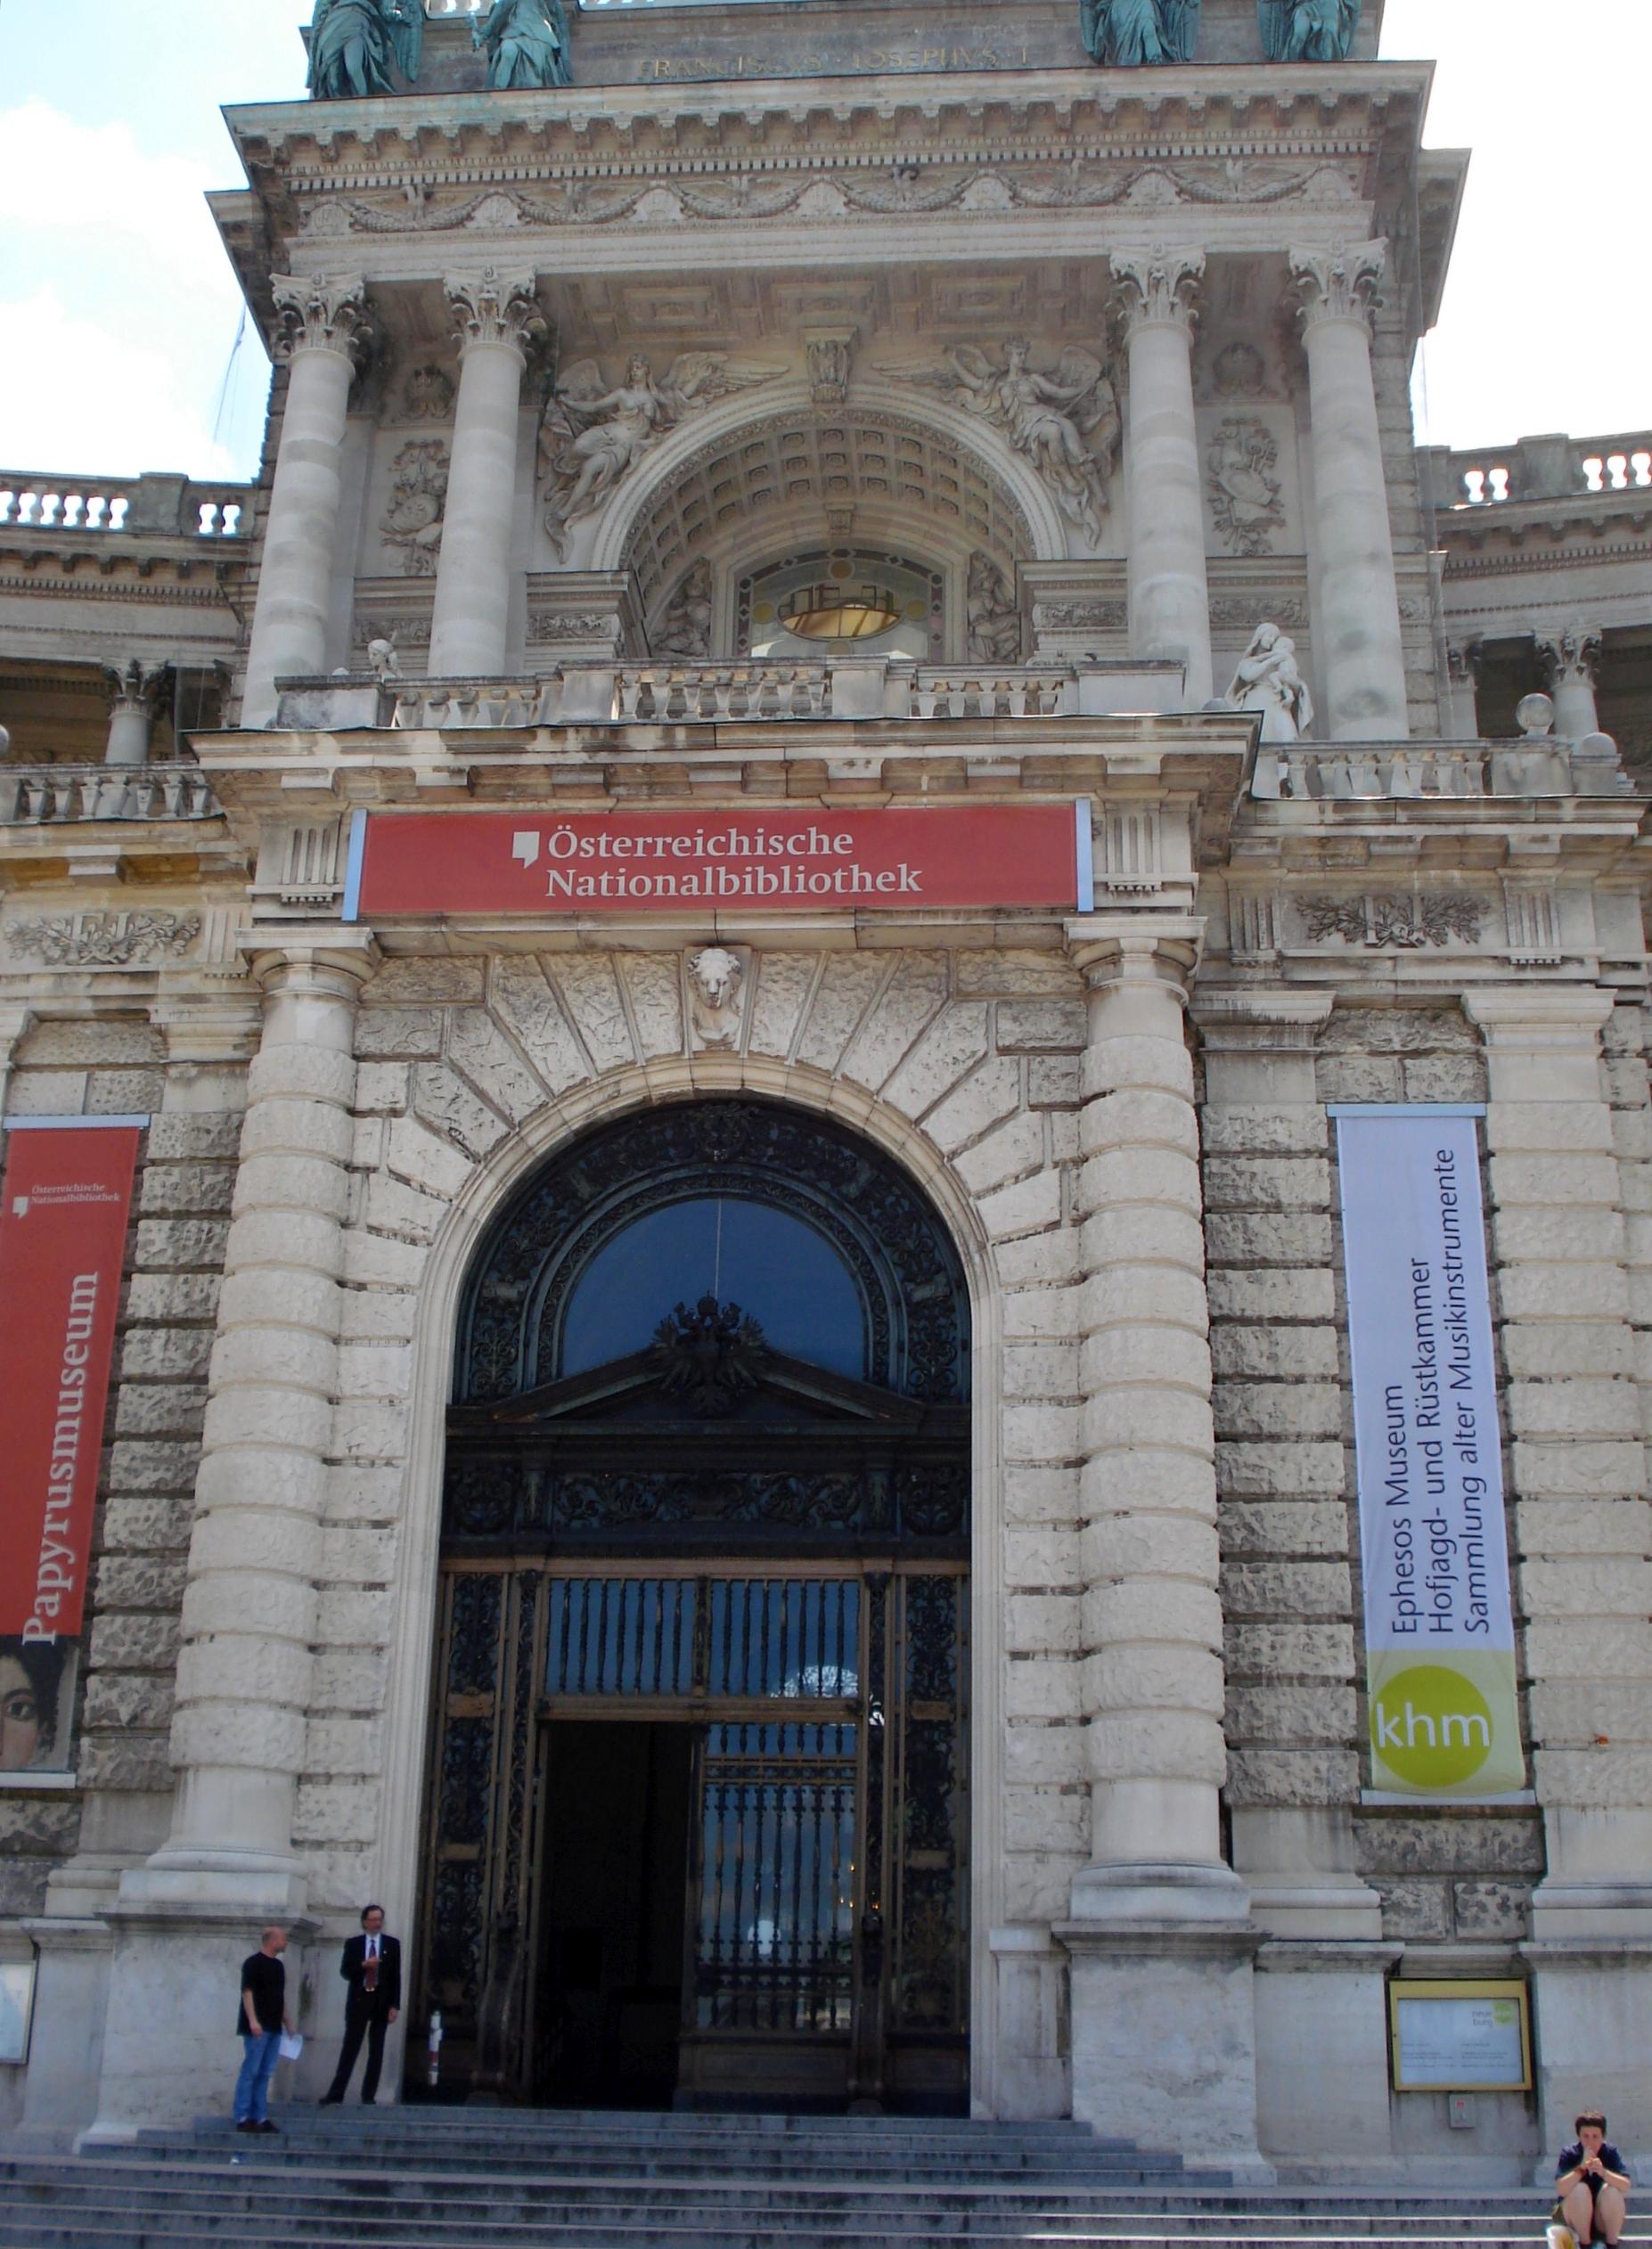 Der Eingang zur Nationalbibliothek